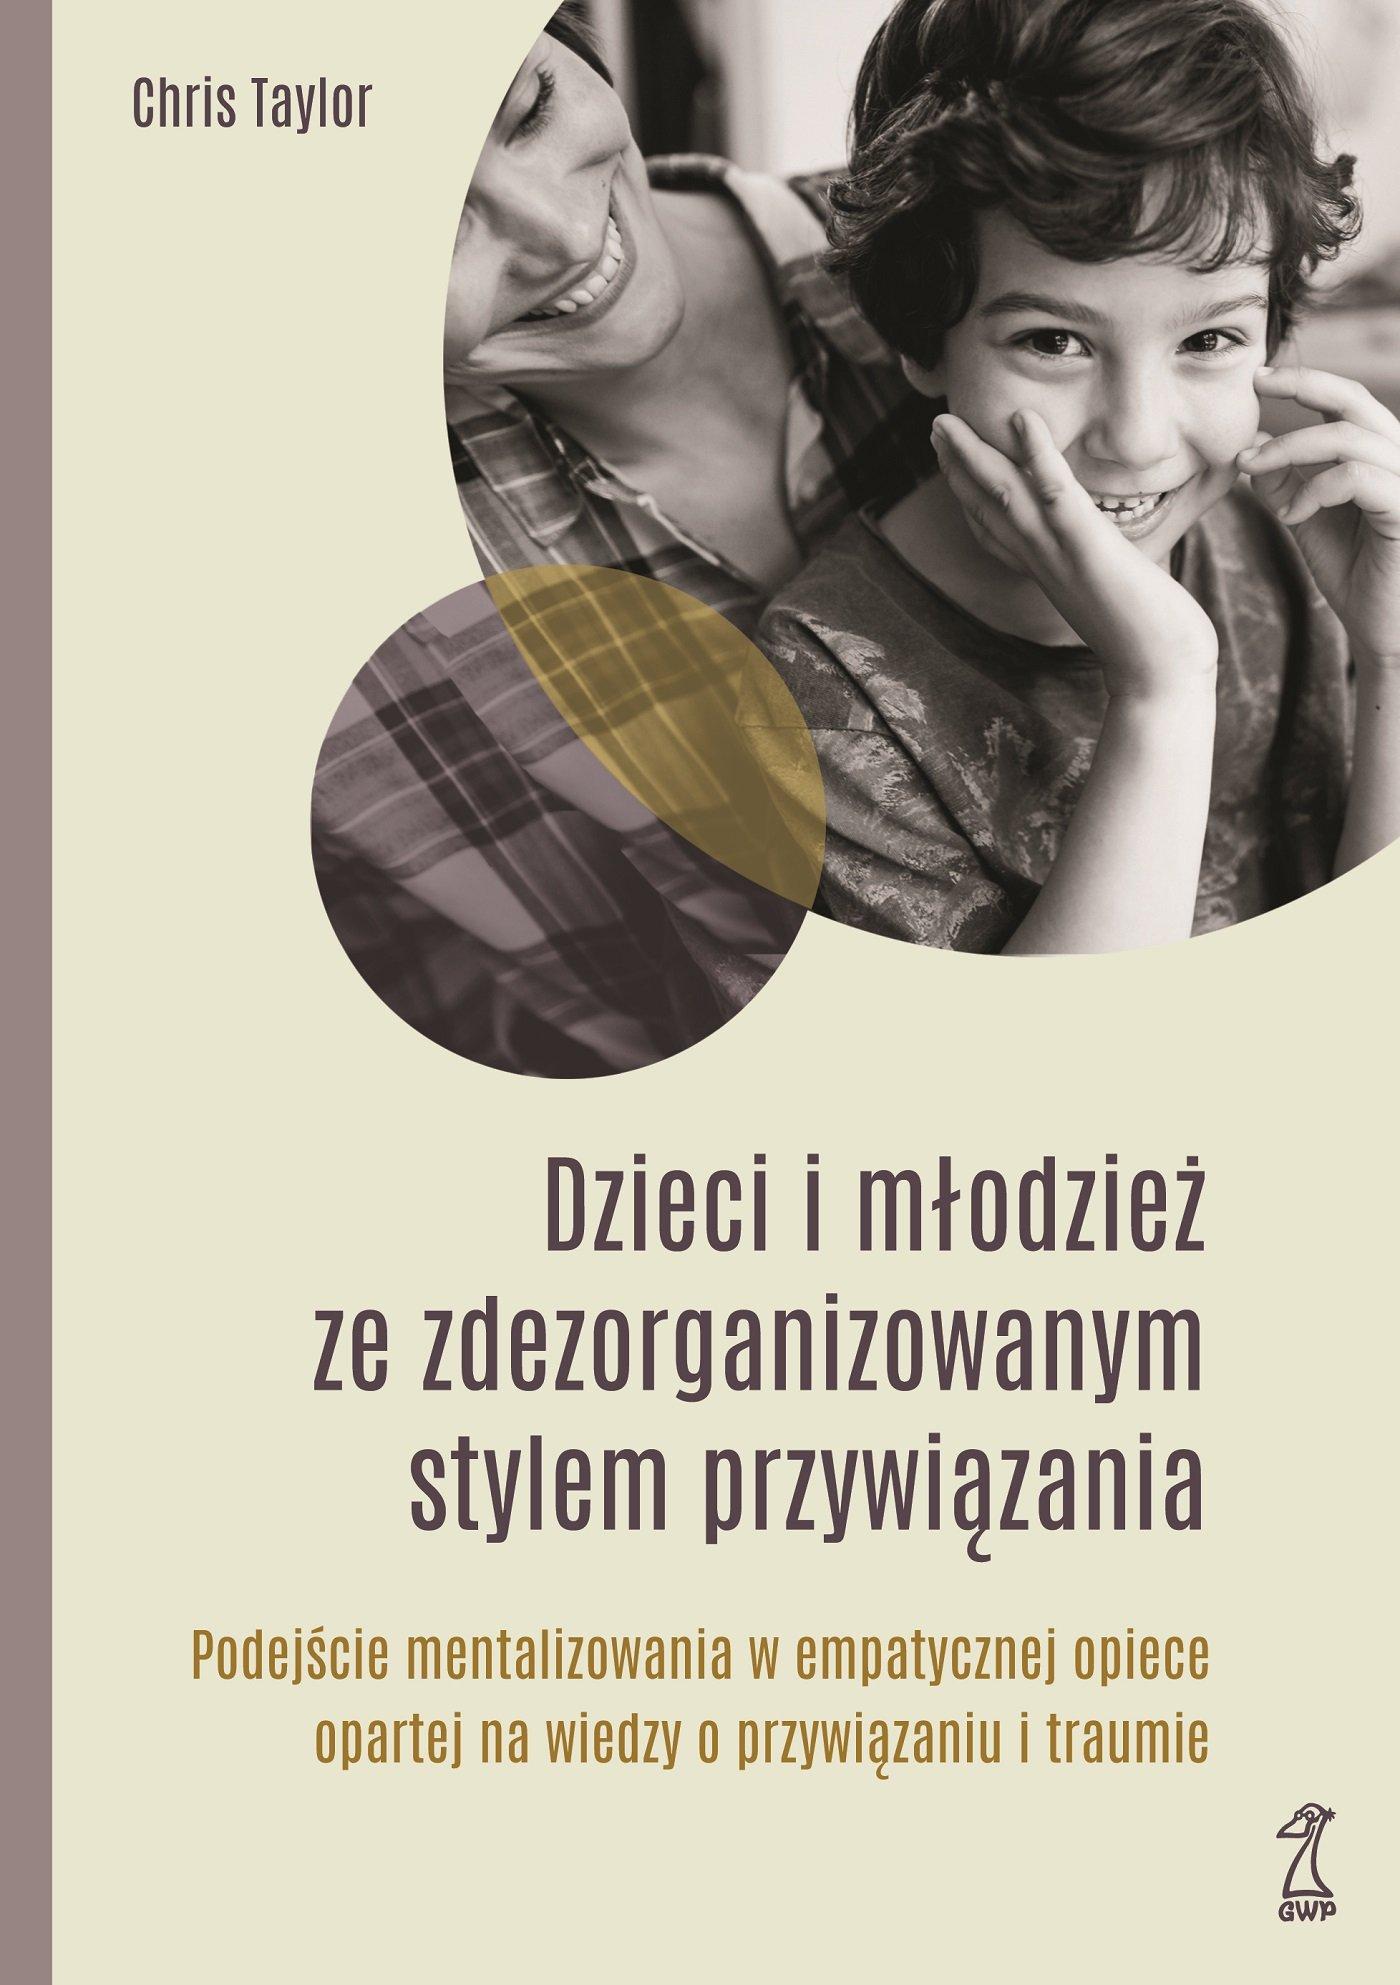 DZIECI I MŁODZIEŻ ZE ZDEZORGANIZOWANYM STYLEM PRZYWIĄZANIA - Ebook (Książka EPUB) do pobrania w formacie EPUB